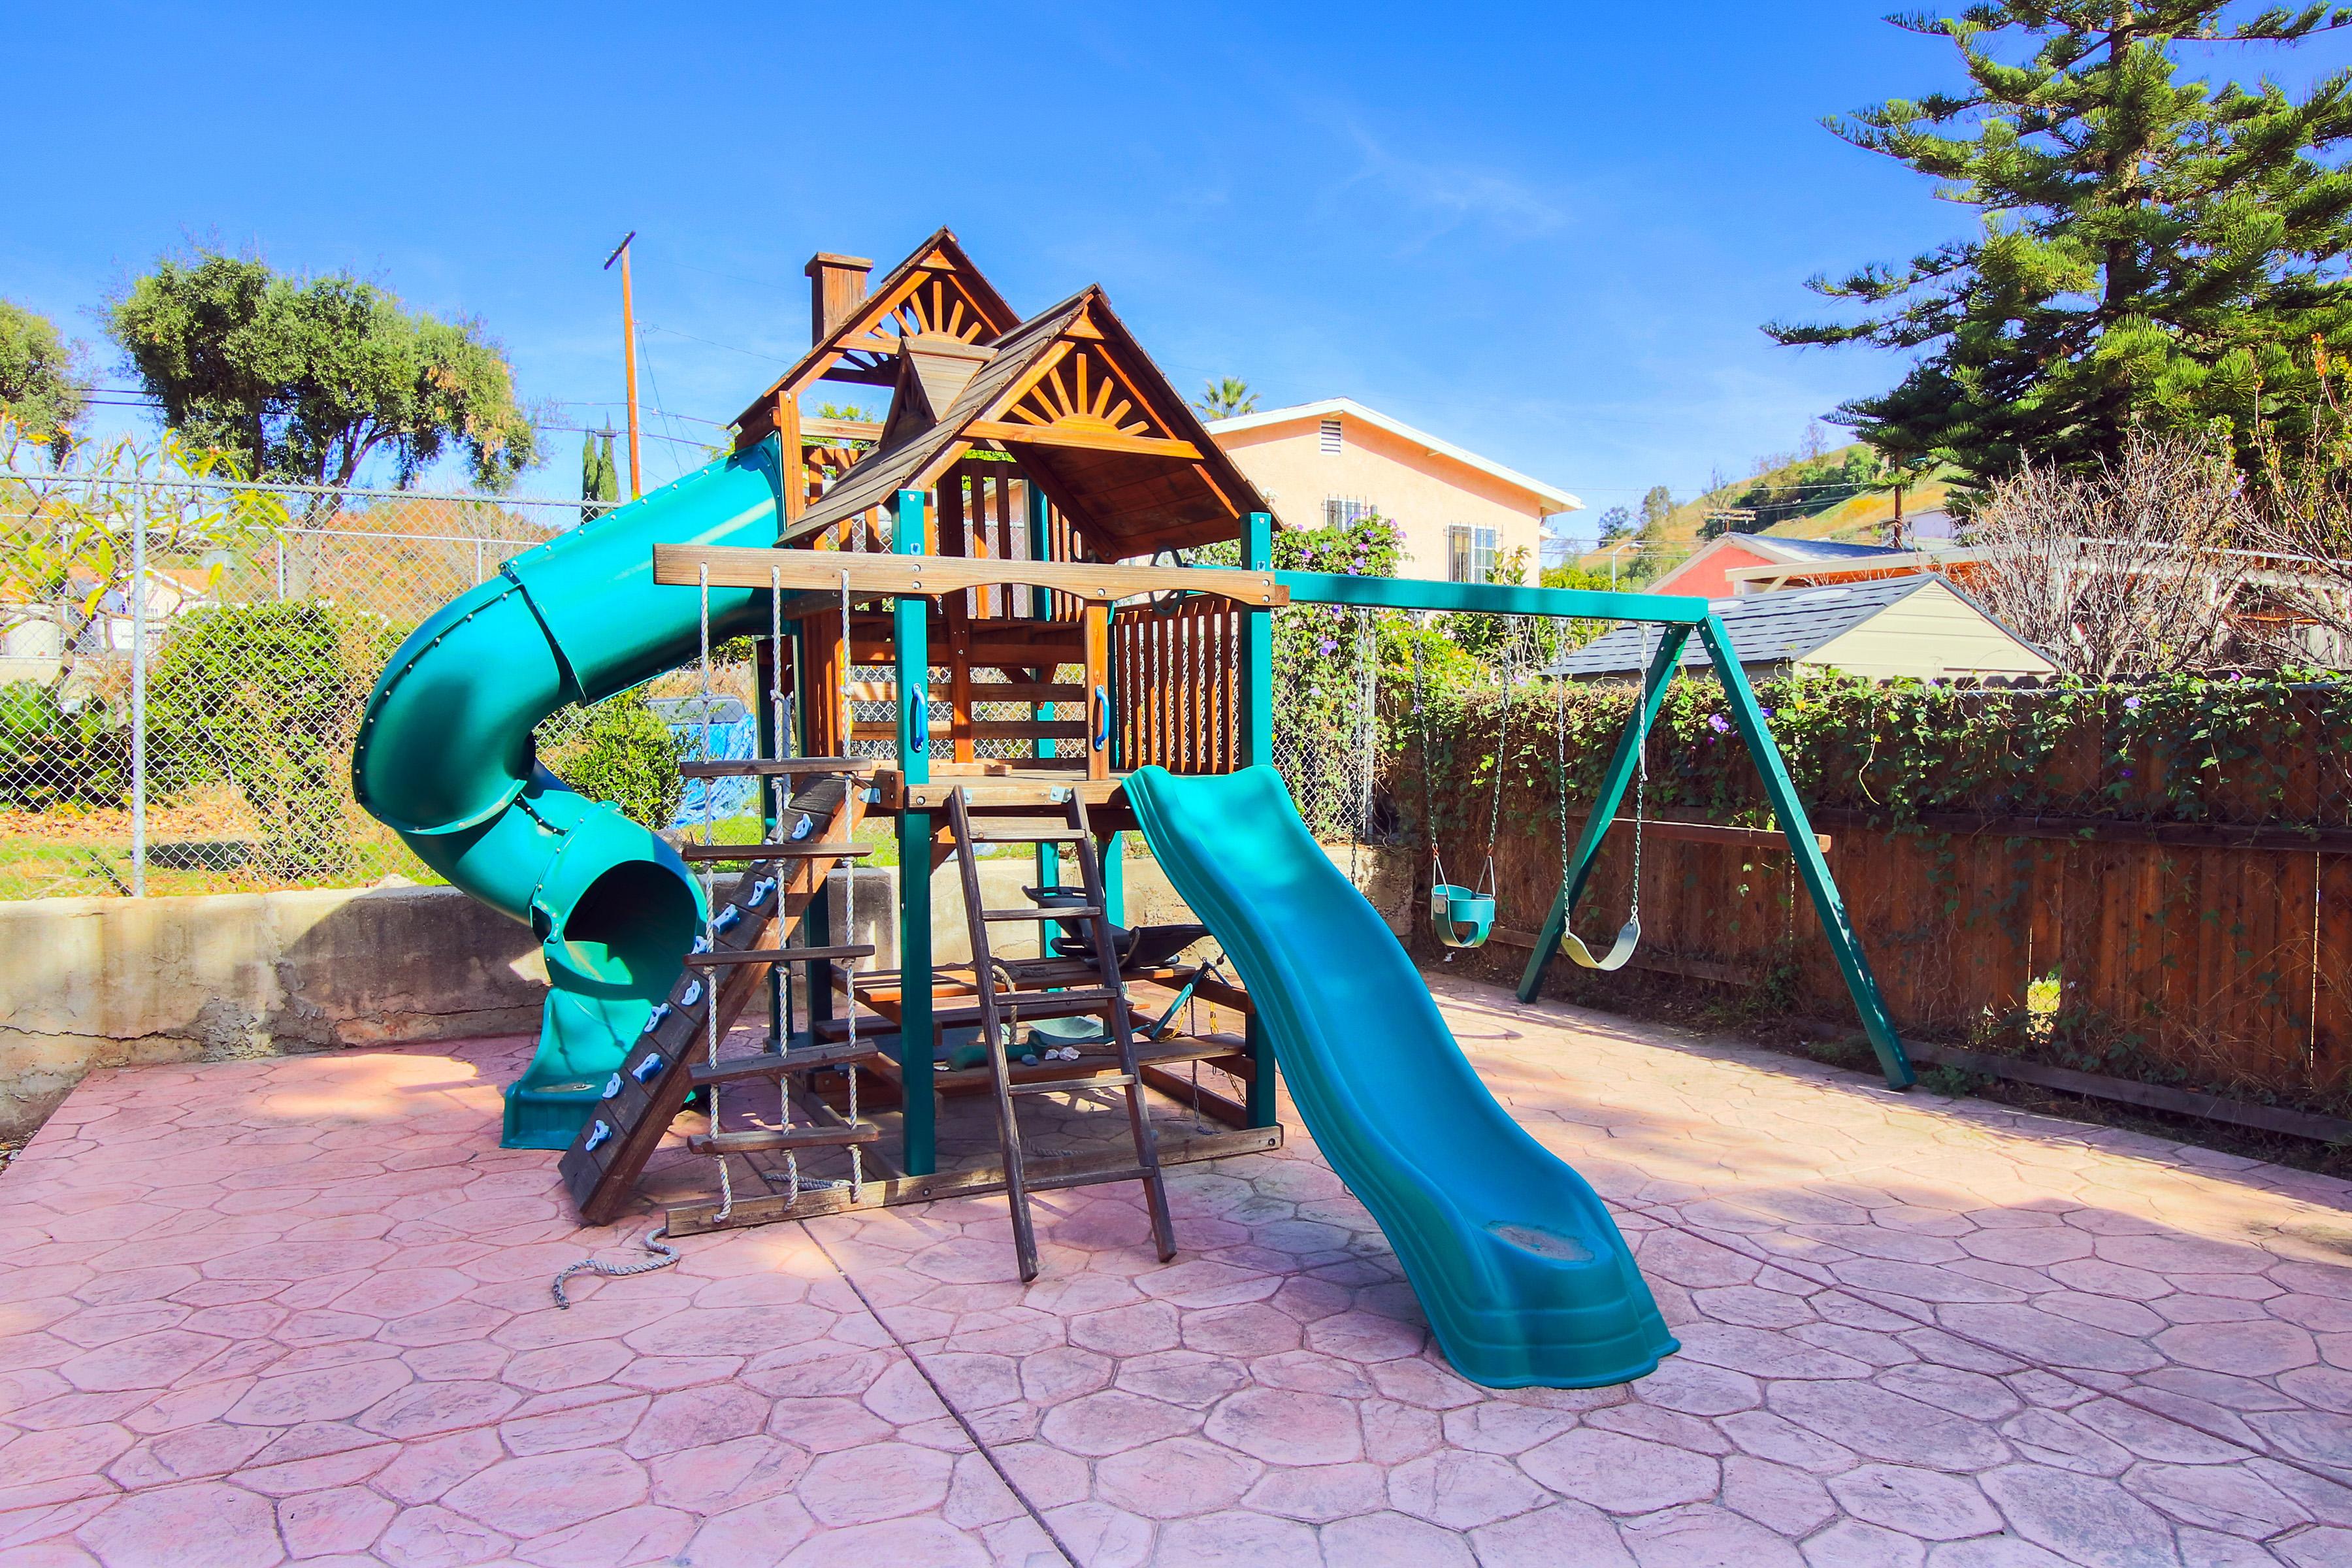 29 Backyard Playground